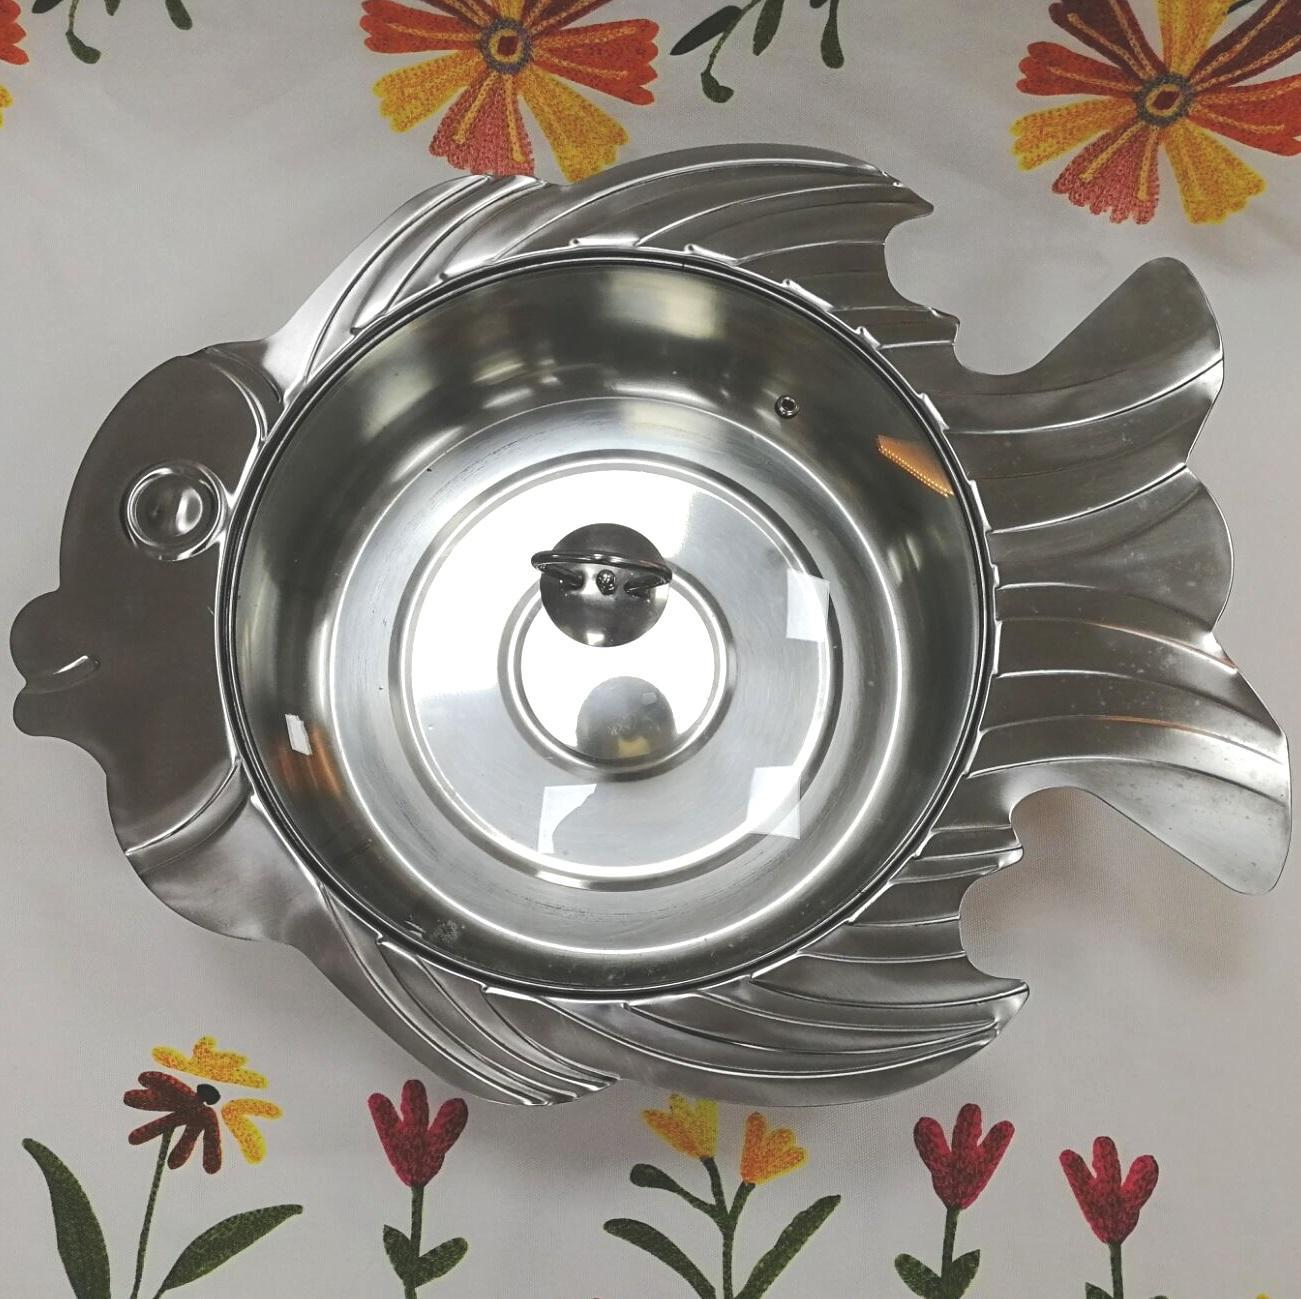 砂河 涮涮鍋 魚鍋 安徽魚火鍋 魚形鍋  1